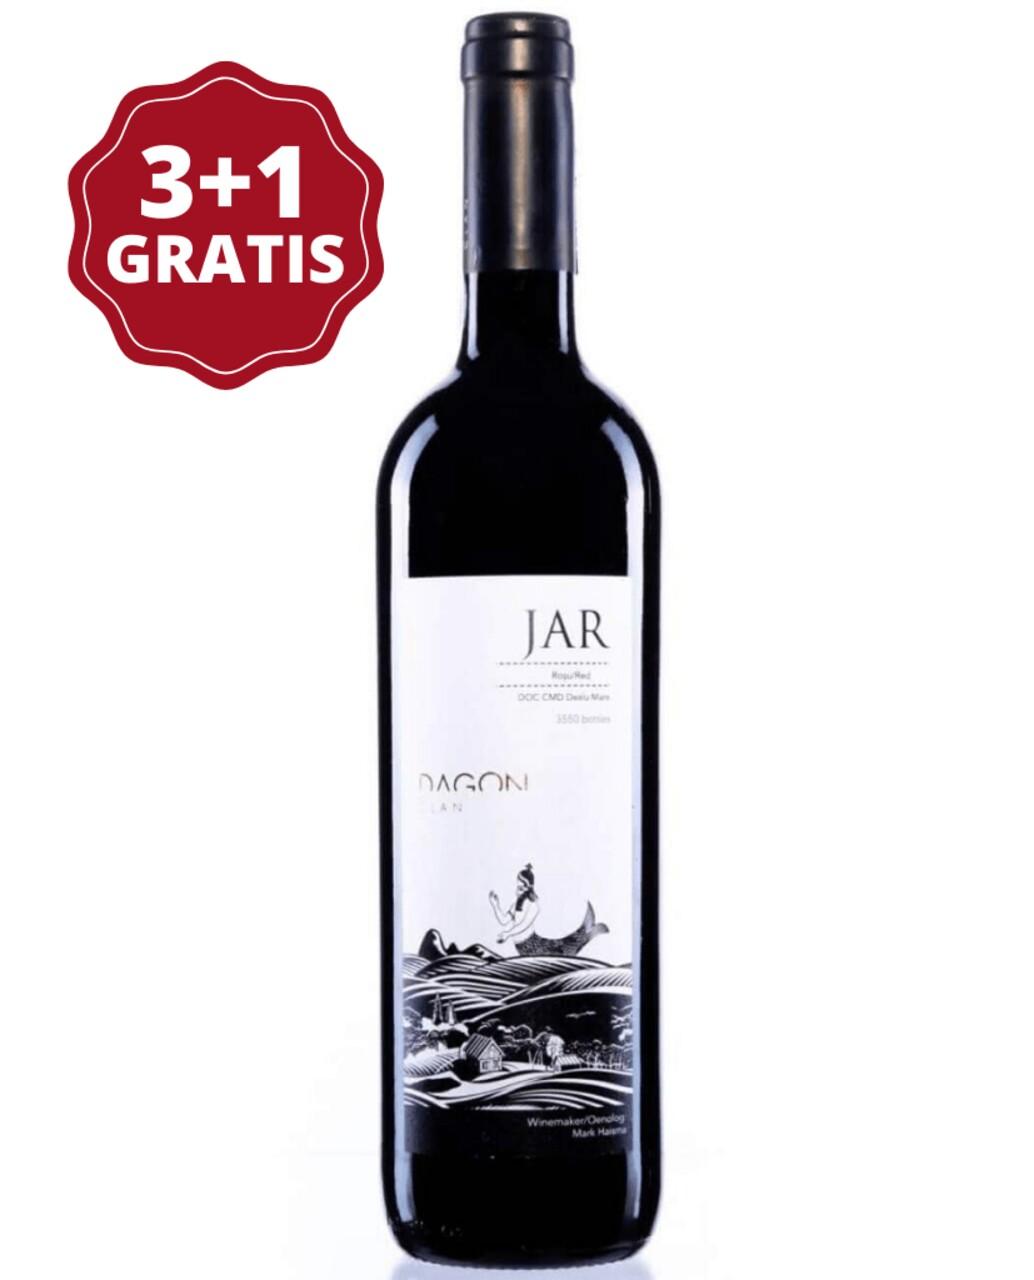 Dagon Clan Jar Rosu 3+1